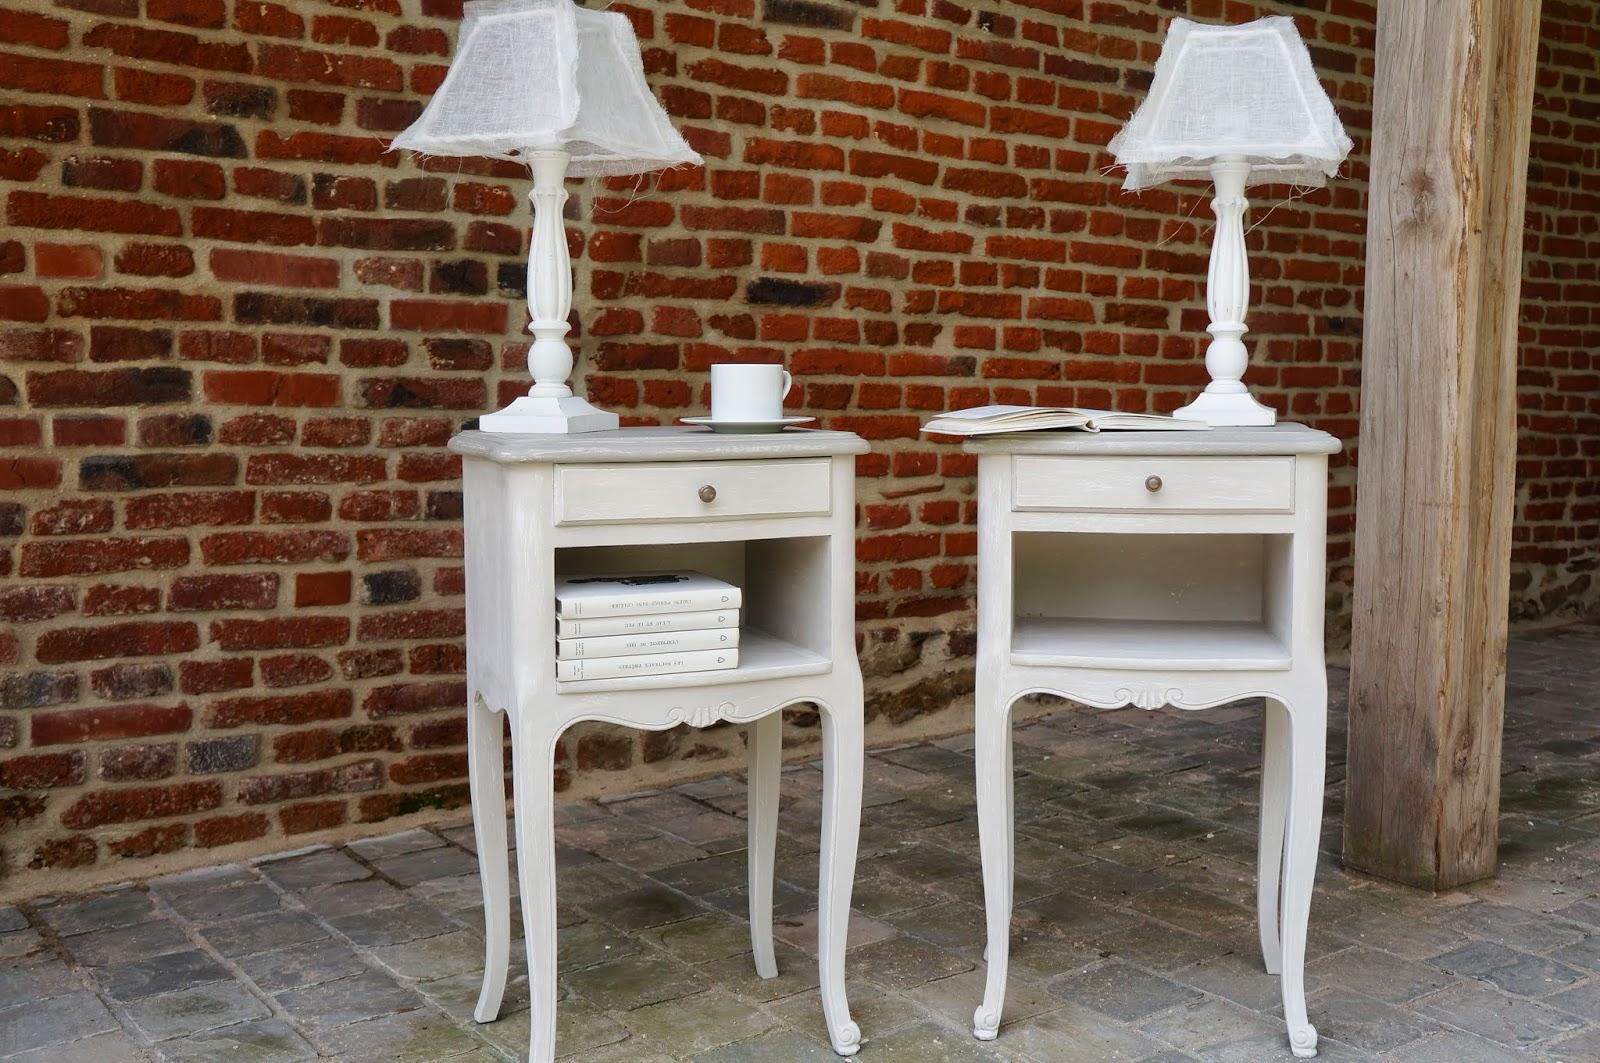 urlu et berlu meubles r nov s patin s patines claires vintages simples ou vieillies dans le. Black Bedroom Furniture Sets. Home Design Ideas